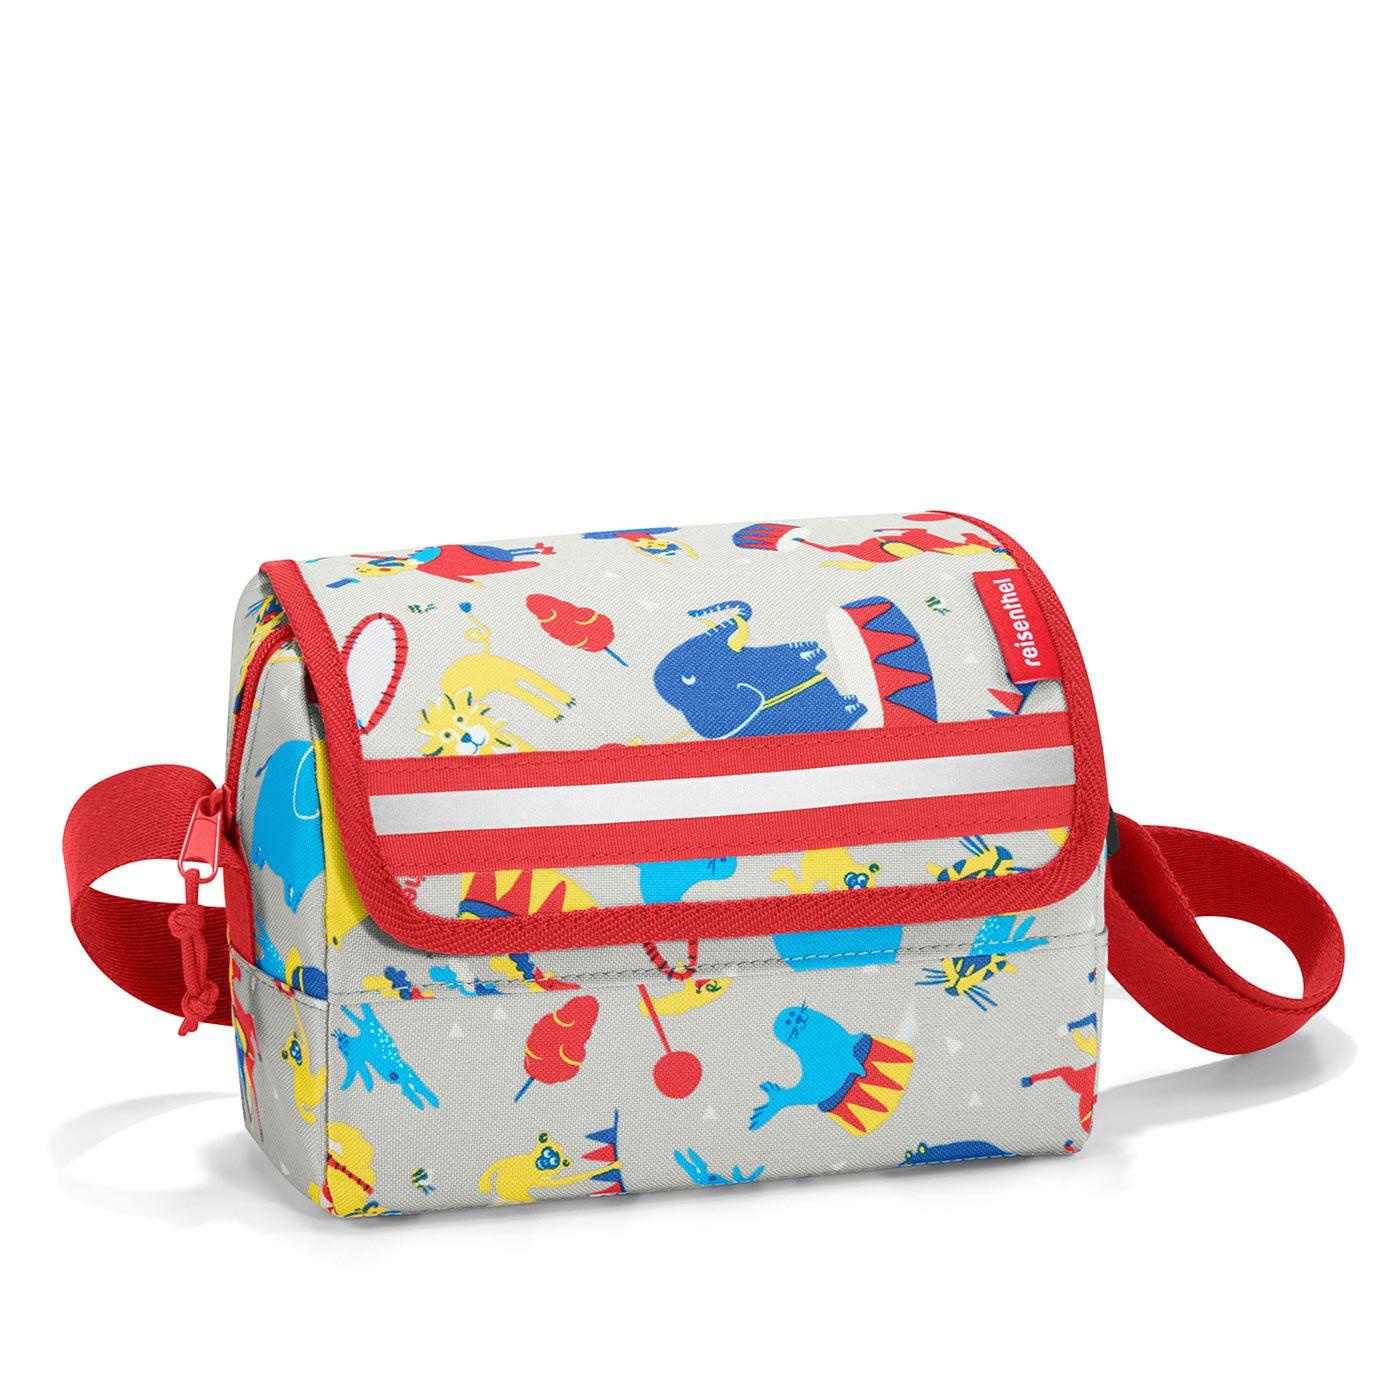 Reisenthel Kids everydaybag circus jetzt günstig online